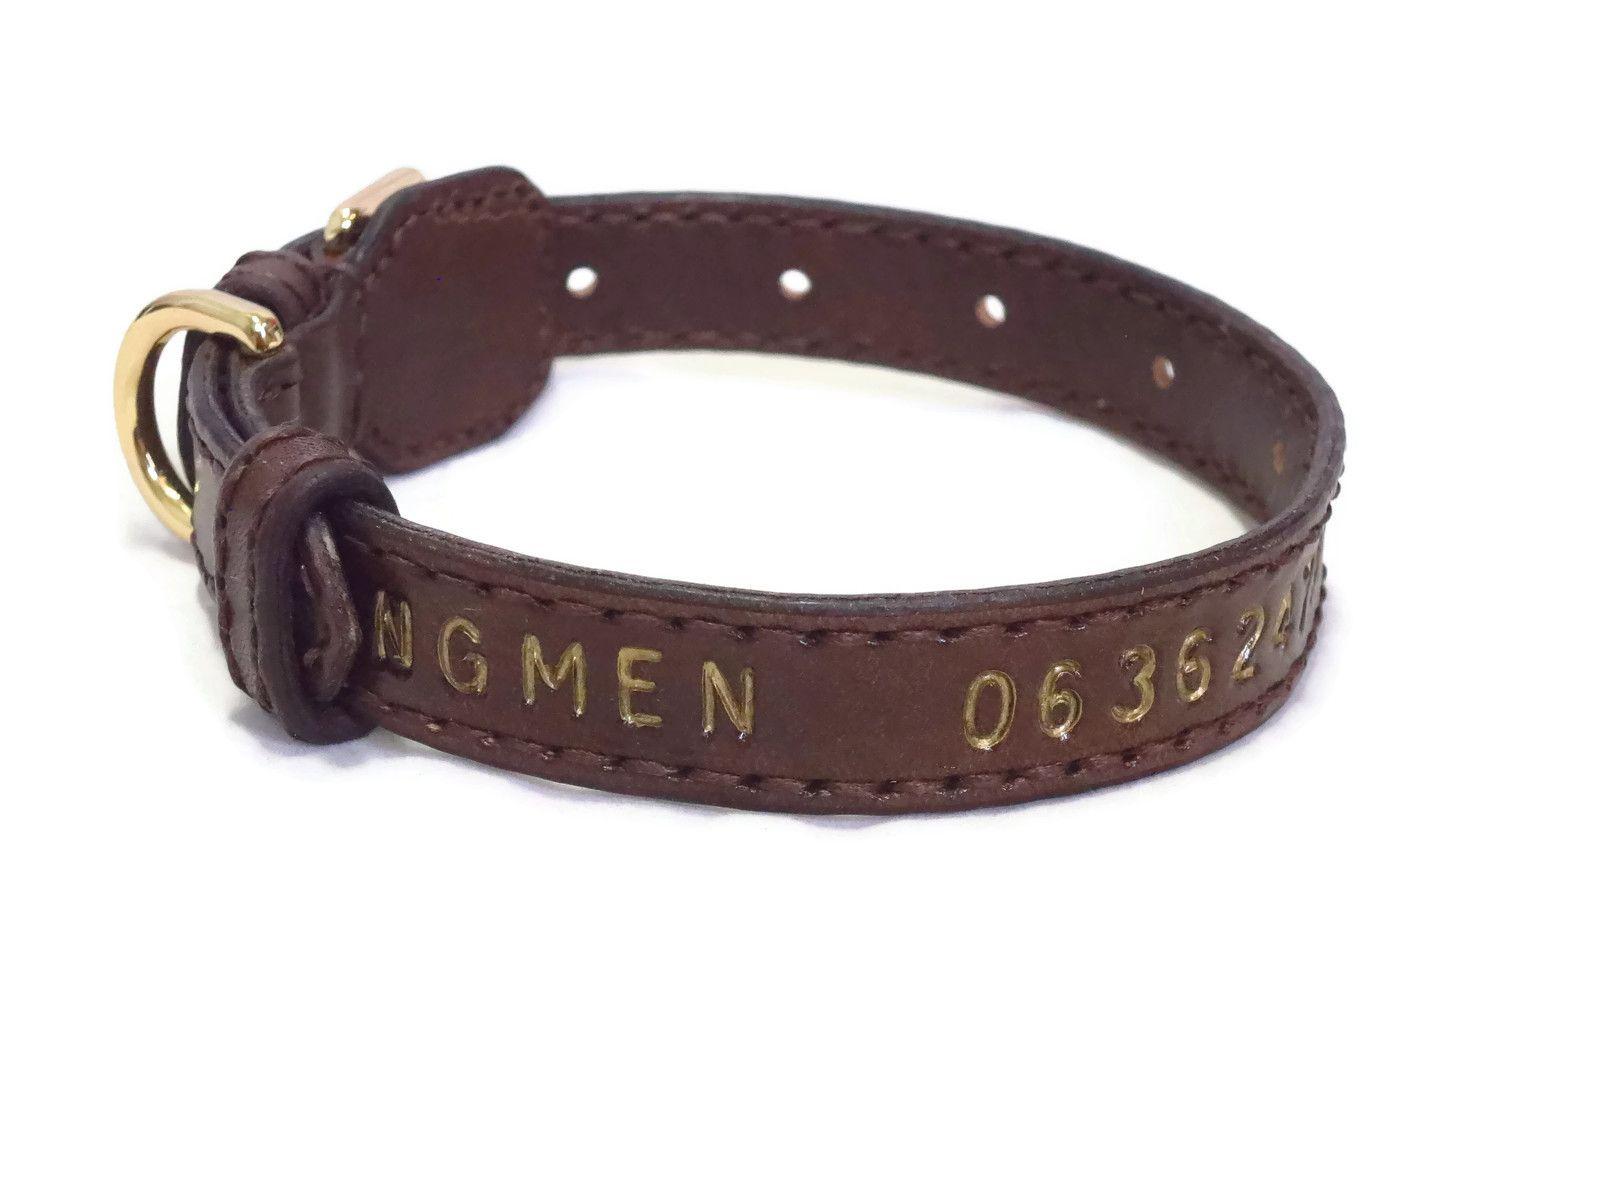 ปลอกคอหมา ปลอกคอแมว ปลอกคอหน งแท ป ายช อส น ข ป ายช อแมว ปลอกคอส น ข ปลอกคอแมว ปลอกคอหมาใหญ ปลอกคอหมาเล ก ปลอกคอแ Leather Bracelet Leather Jewelry